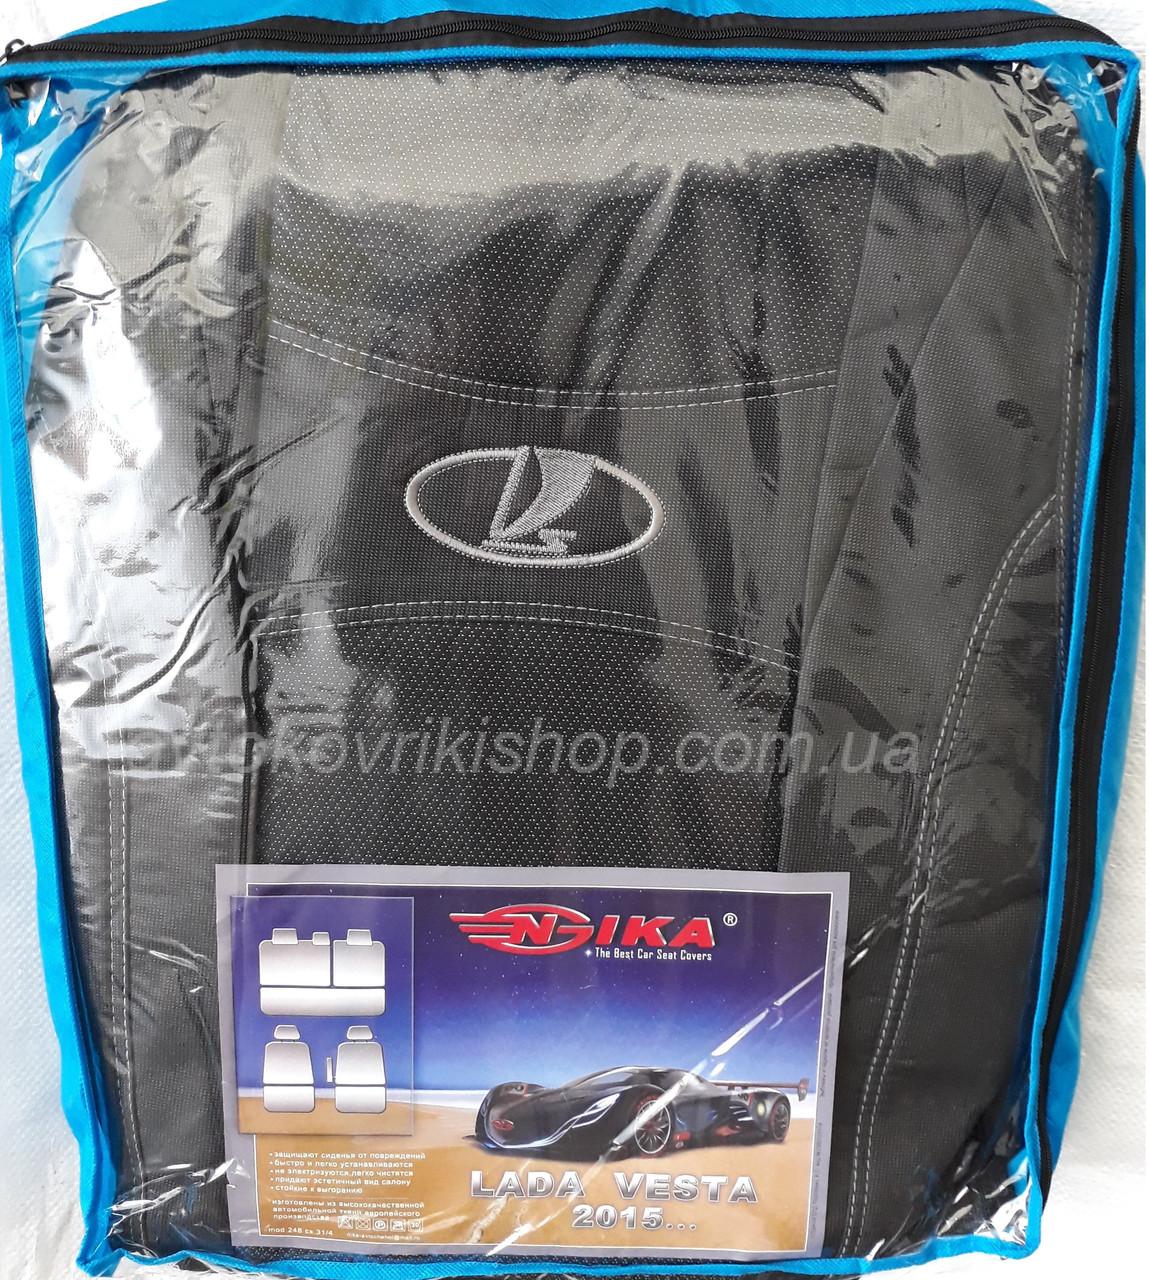 Авто чехлы Lada Vesta 2015- Nika